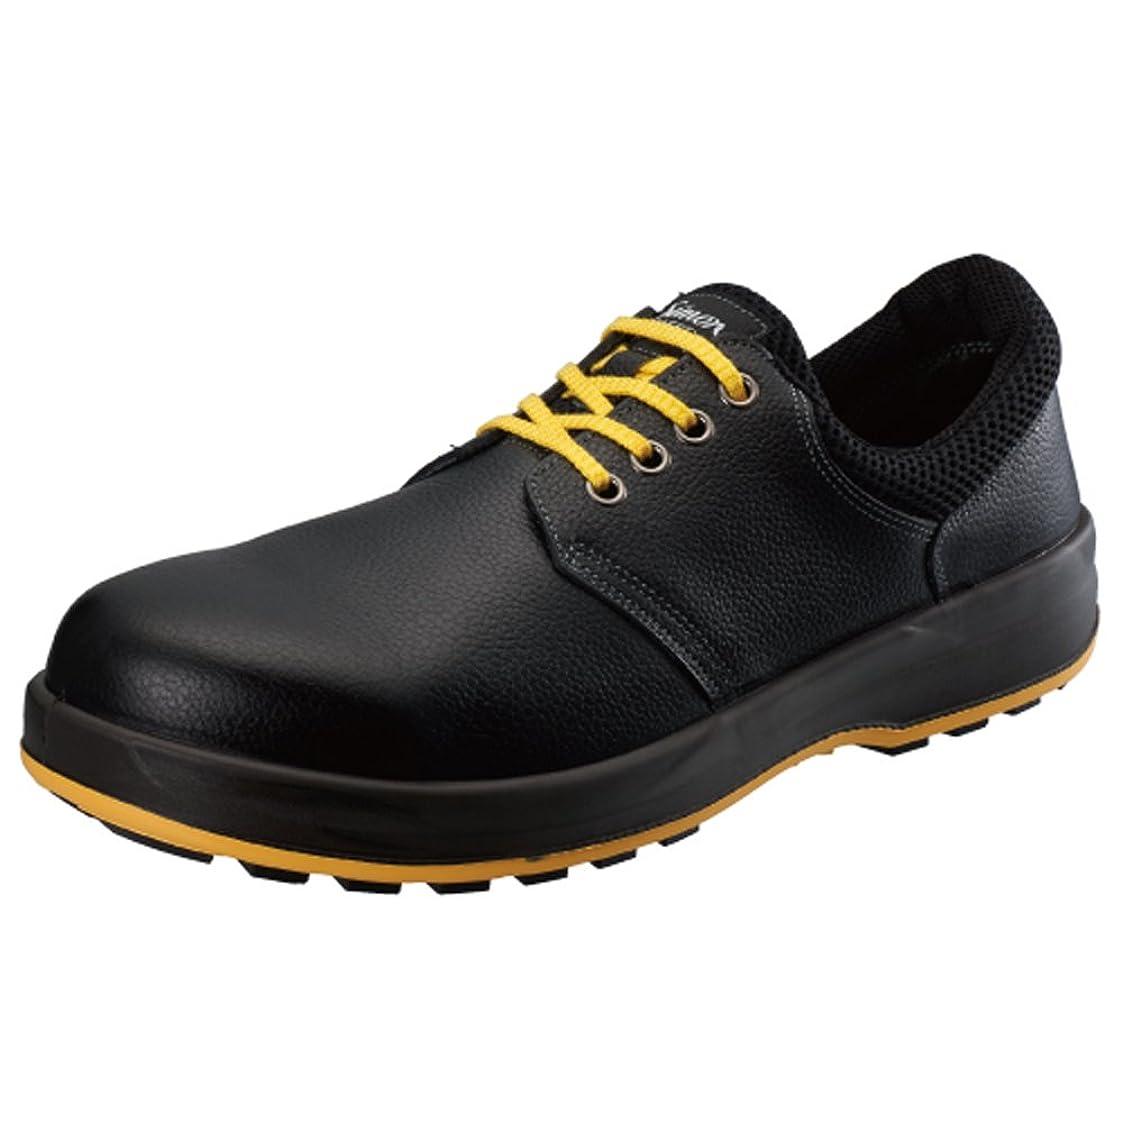 ラッシュベーコン氷[シモン] 【WS11】静電靴 人体に帯電した静電気を、靴底を通して常に接地面にアースすることで除電する安全靴 甲被に牛革を使用した耐久性に優れたタイプ